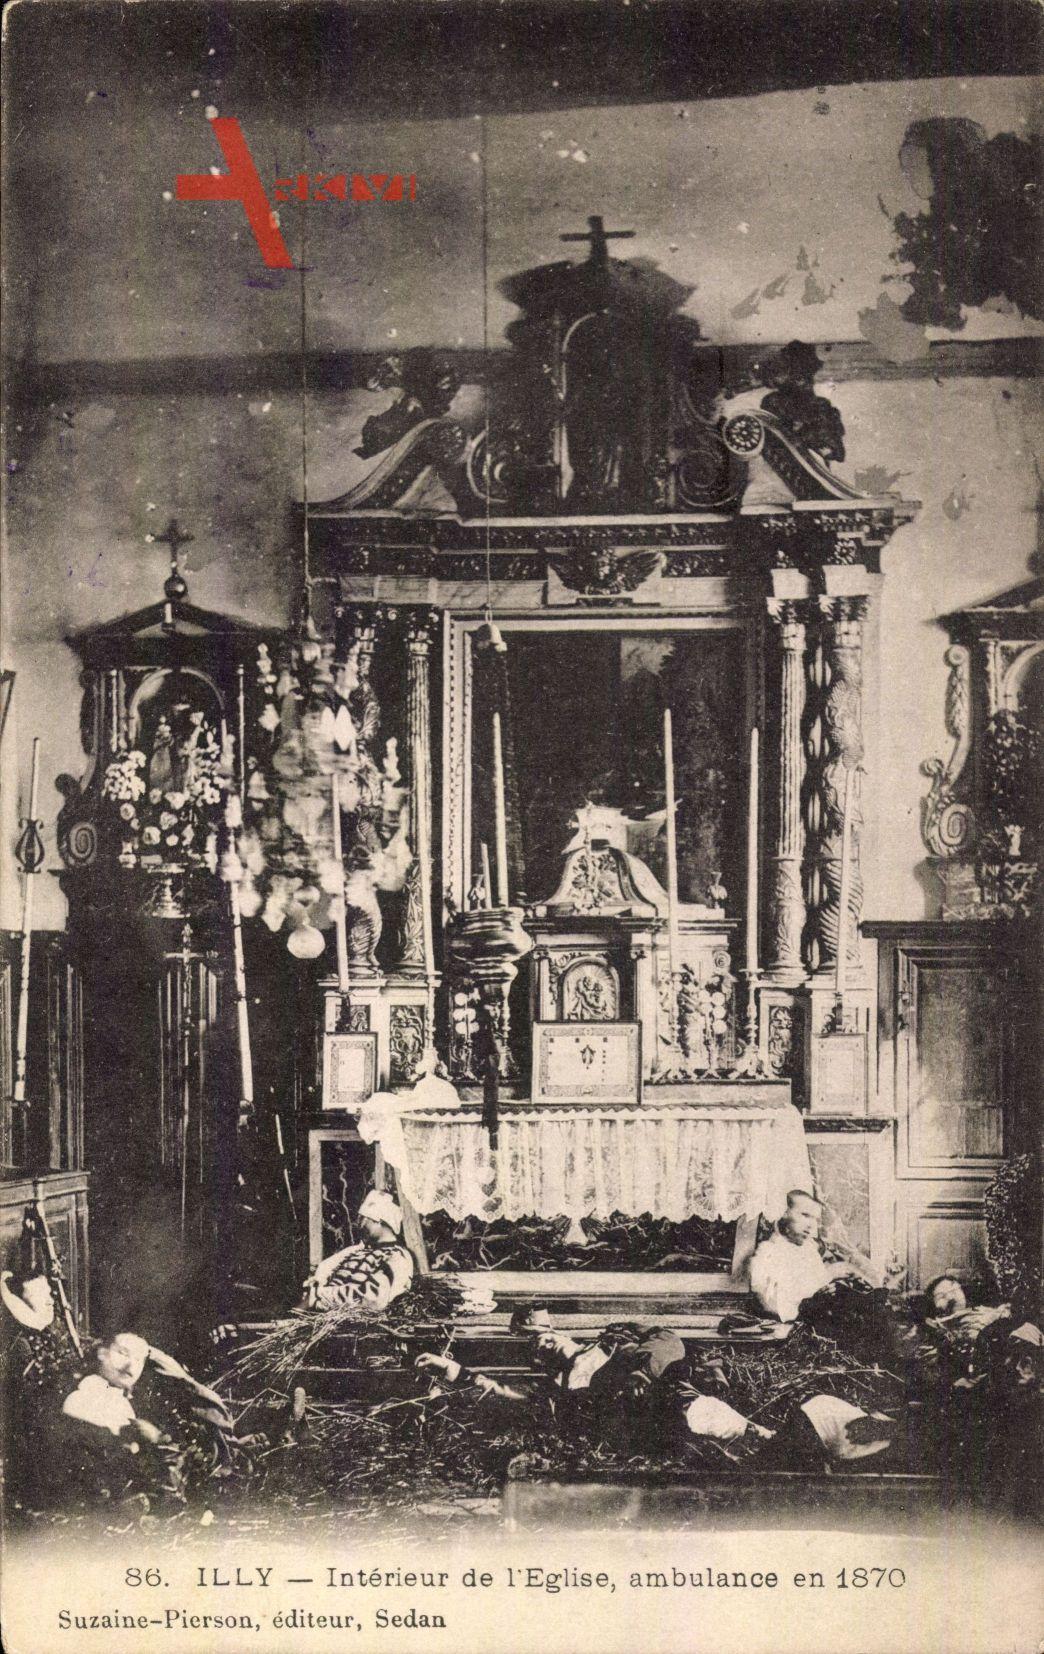 Illy Ardennes, Interieur de l'Eglise, ambulance en 1870, Altar, Soldaten